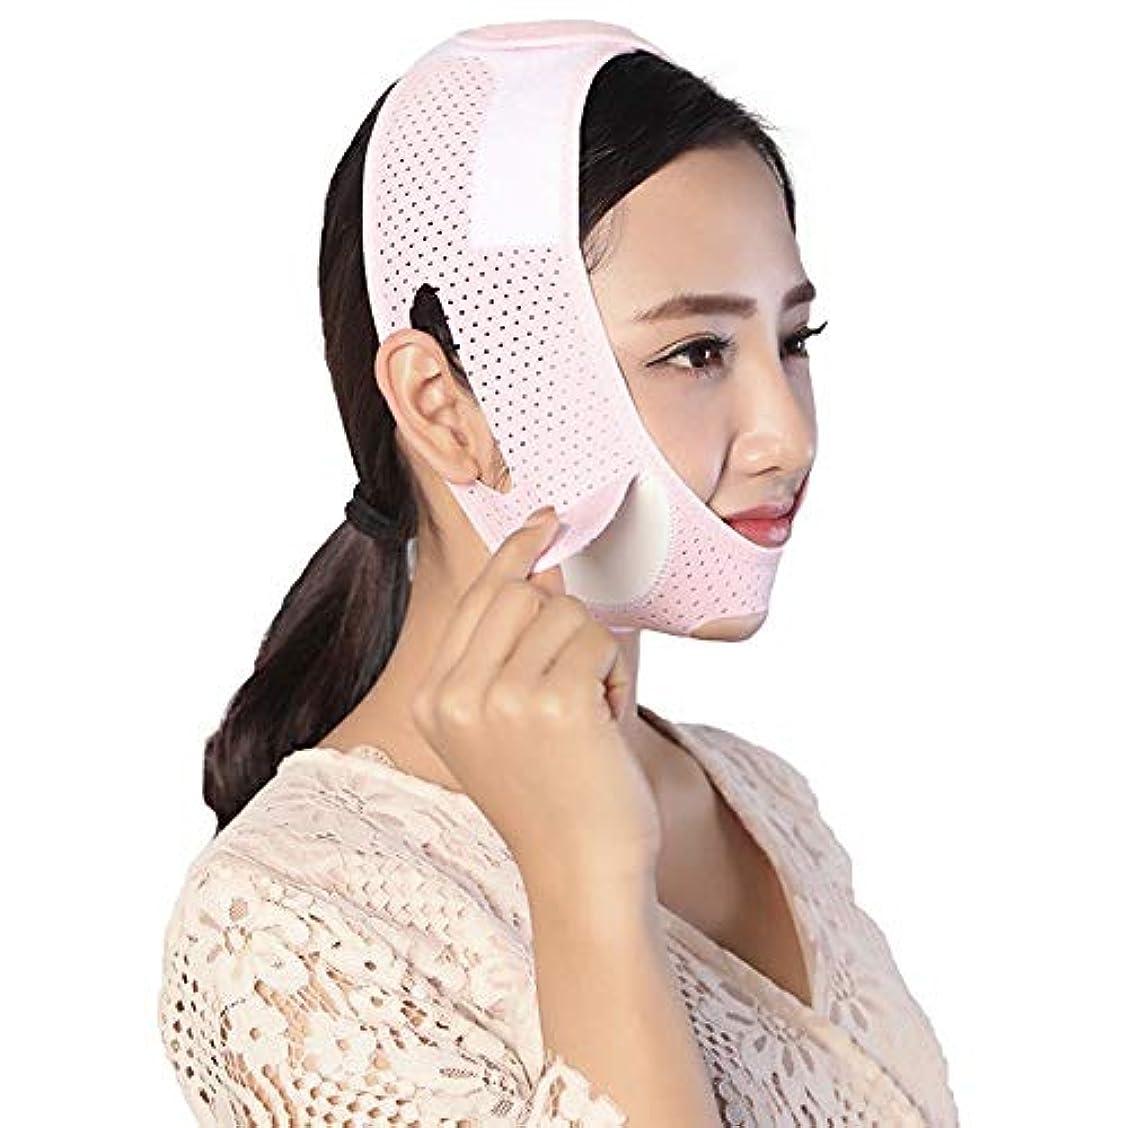 選択脅かす不正直Jia Jia- フェイシャルリフティング痩身ベルト - 圧縮二重あご減量ベルトスキンケア薄い顔包帯 顔面包帯